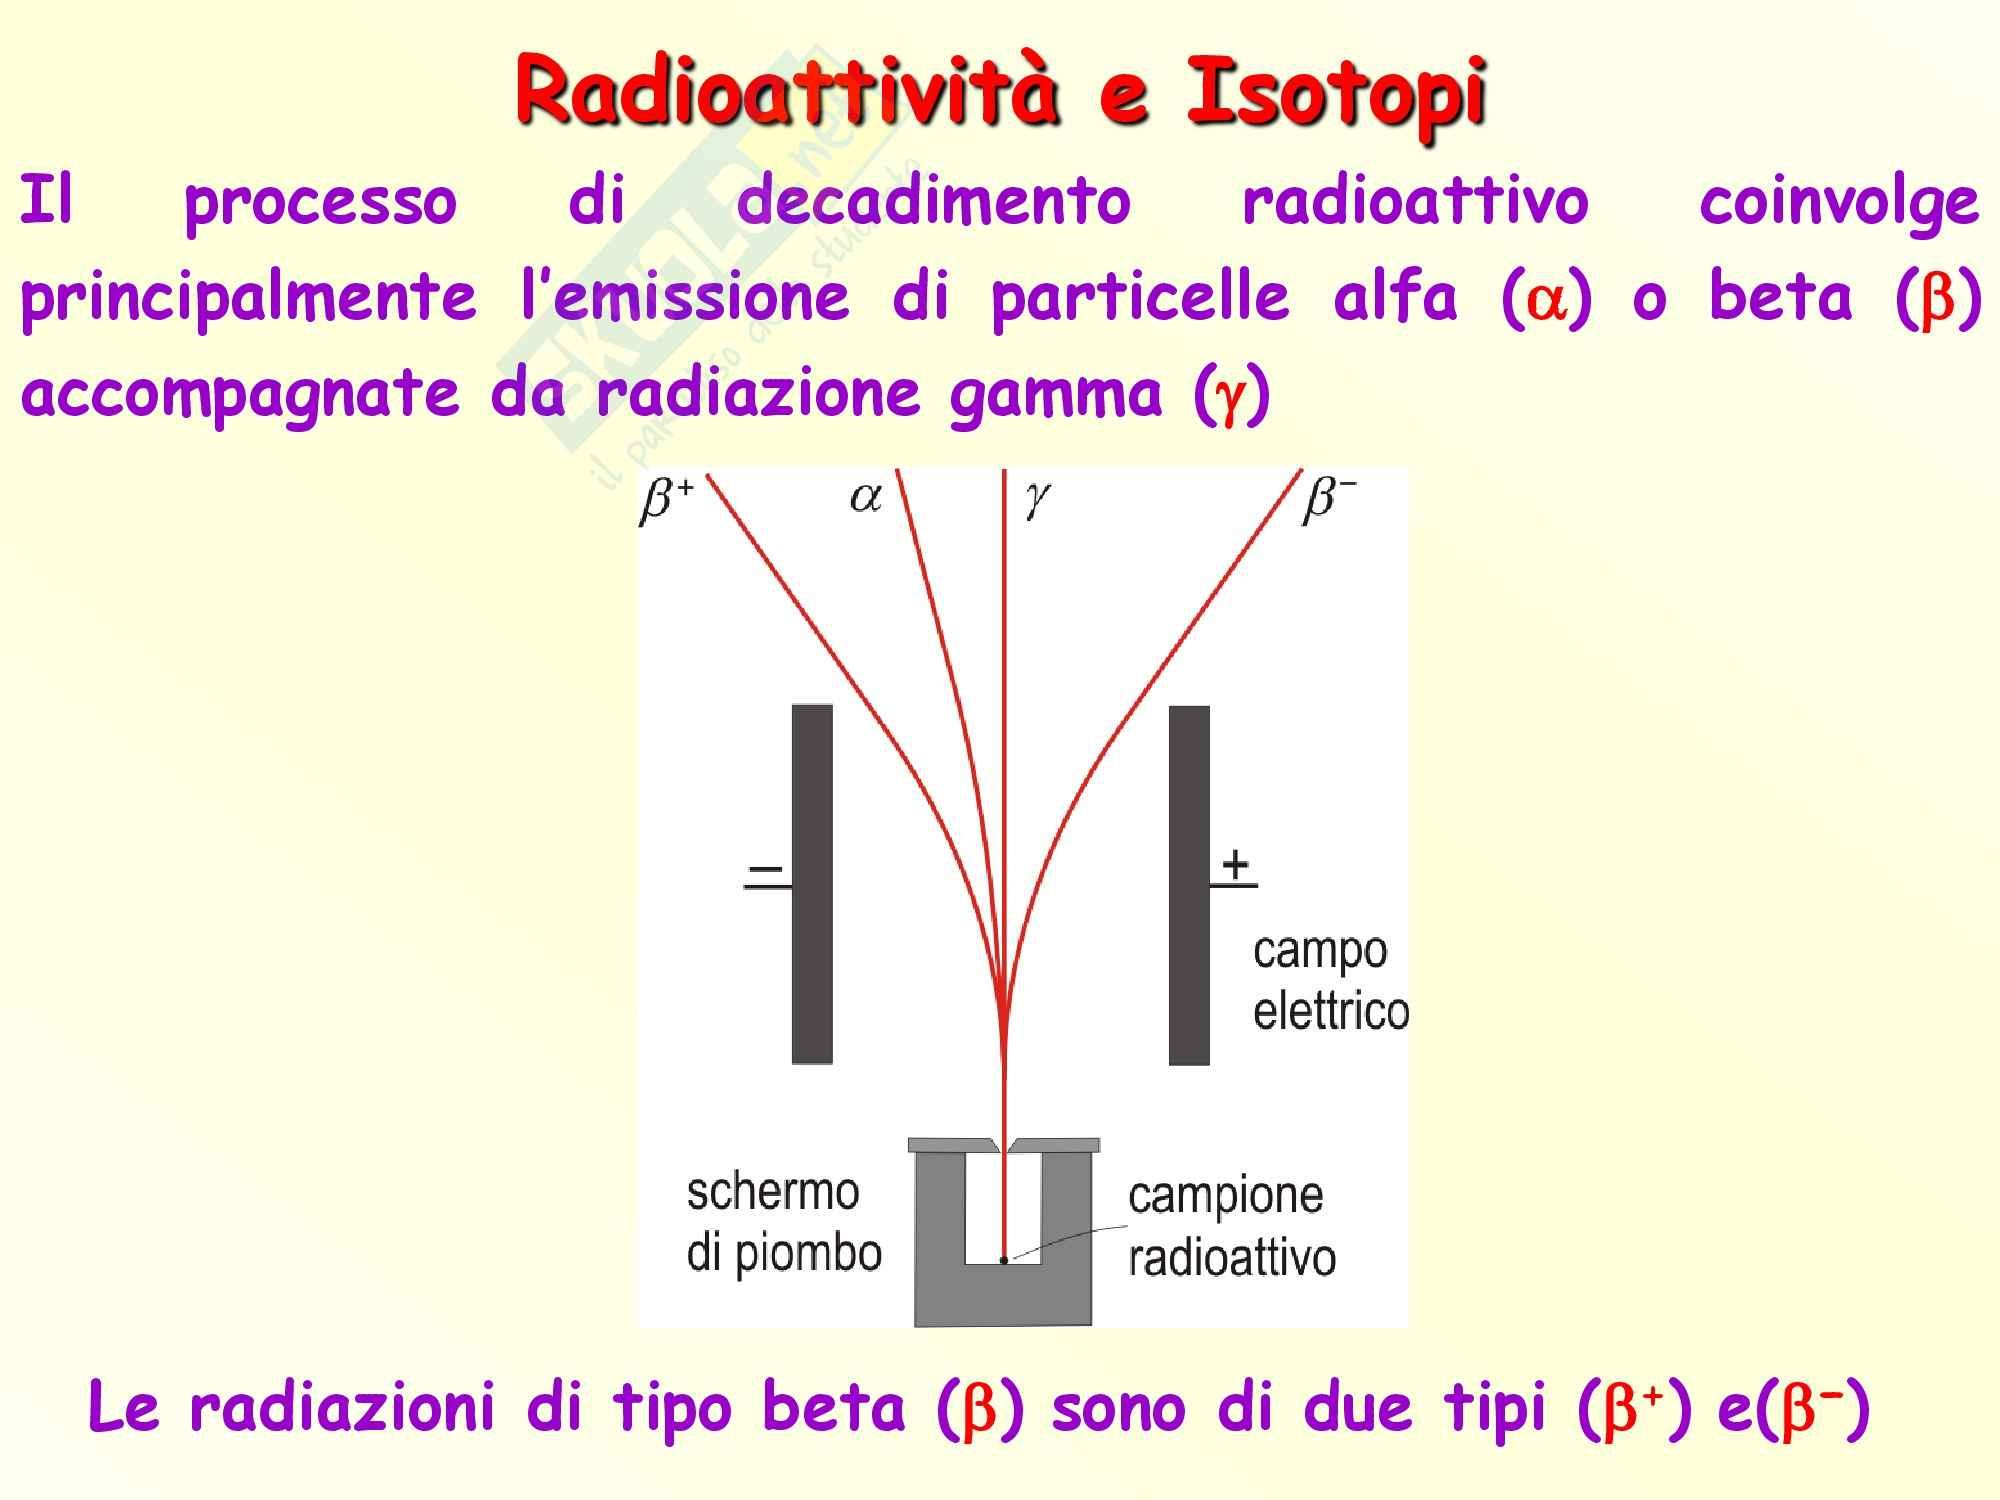 Chimica inorganica - isotopi e radioattività Pag. 6